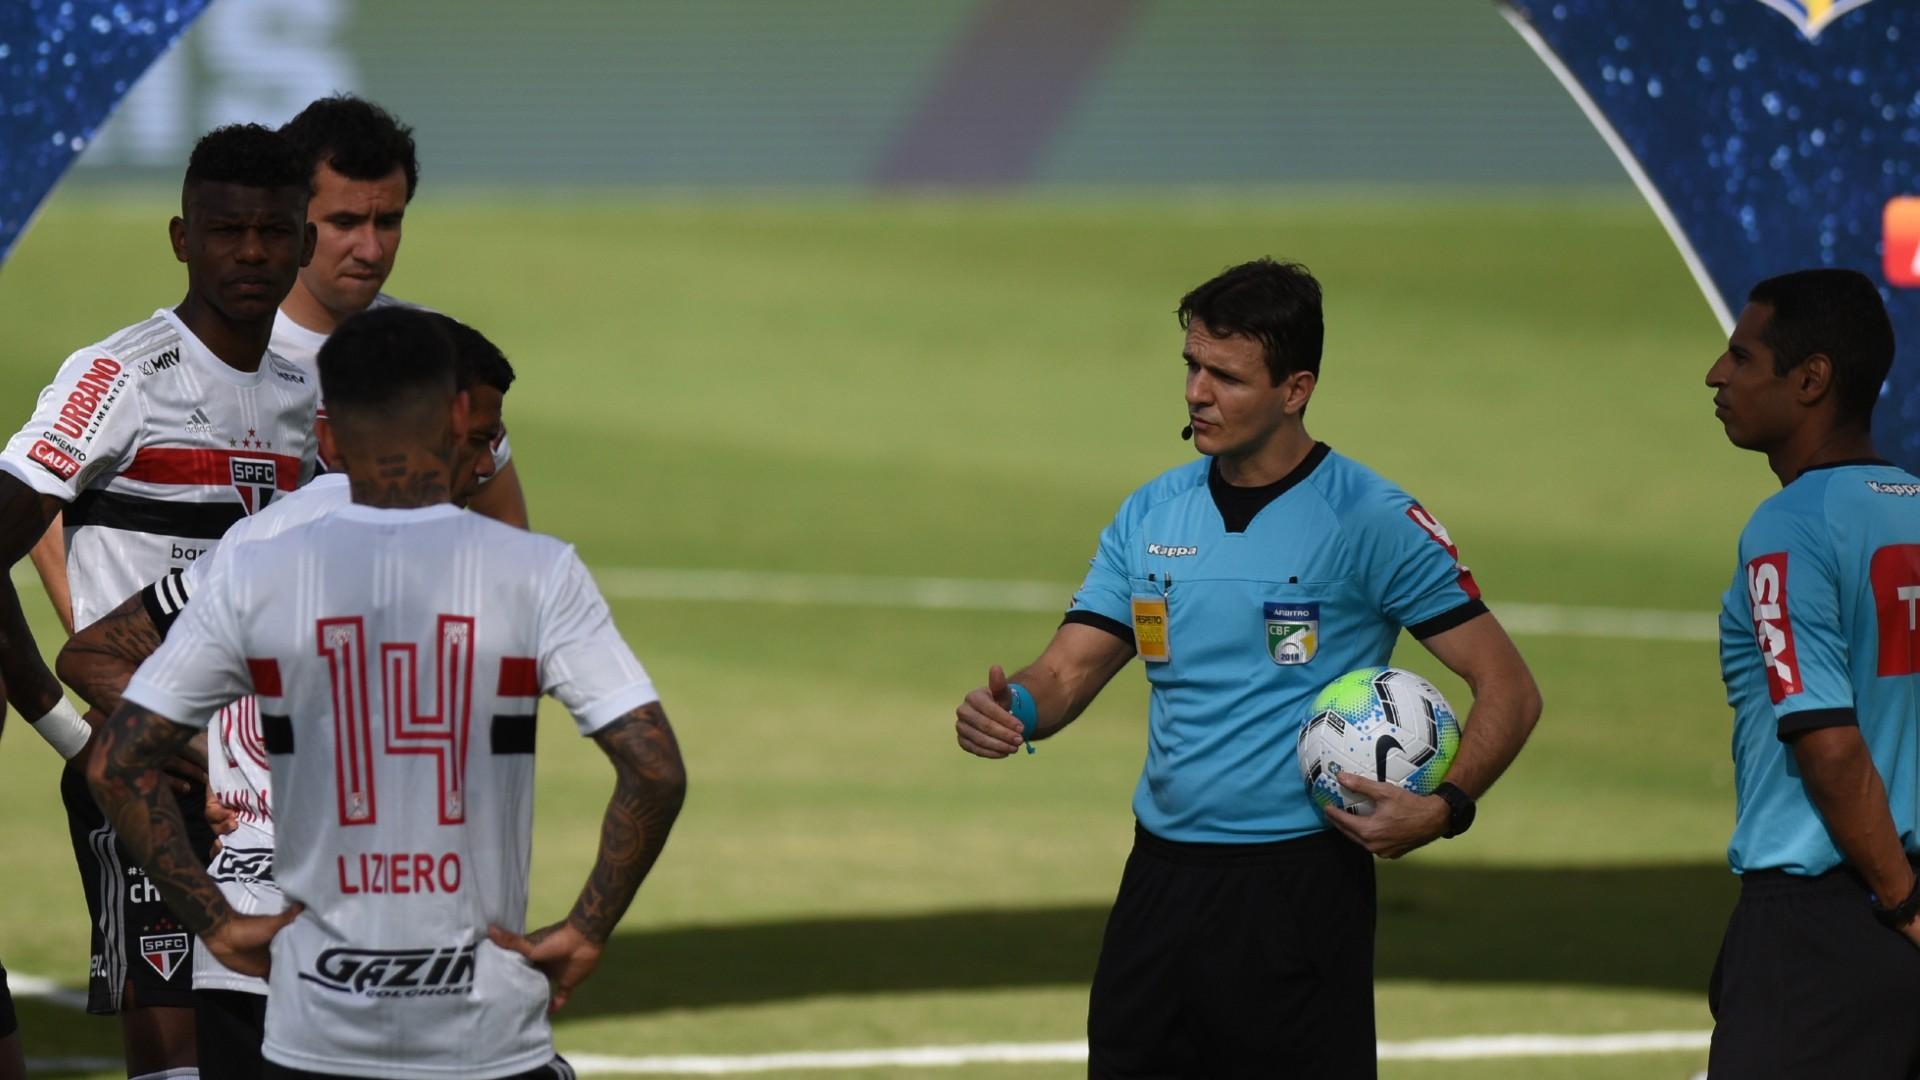 ลงวอร์มแล้ว! 'เซา เปาโล' เลื่อนแข่งฉุกเฉินหลังทีมคู่แข่งติดโควิด 10 ราย | Goal.com